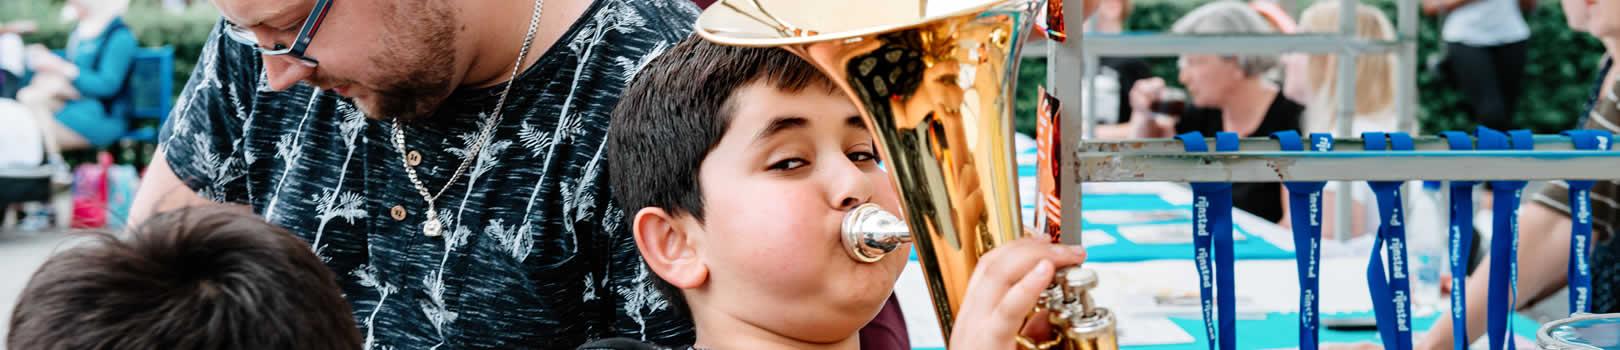 muziekles kinderen